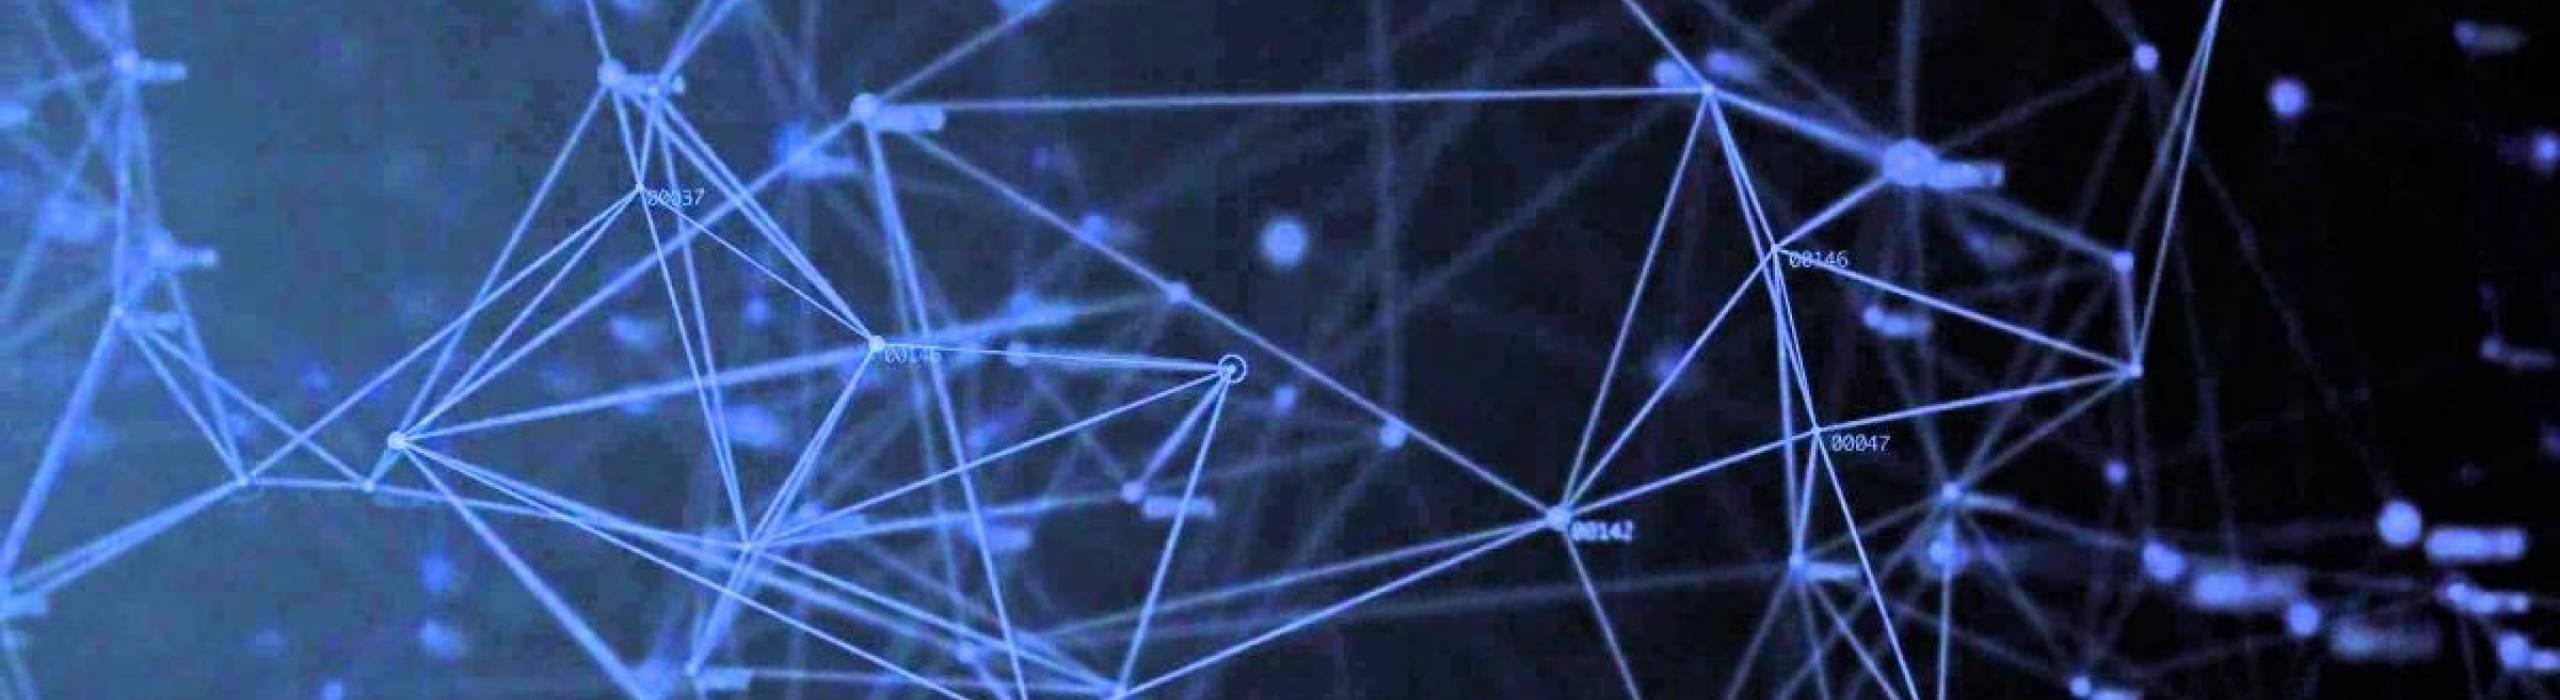 Arxiv Network Picture